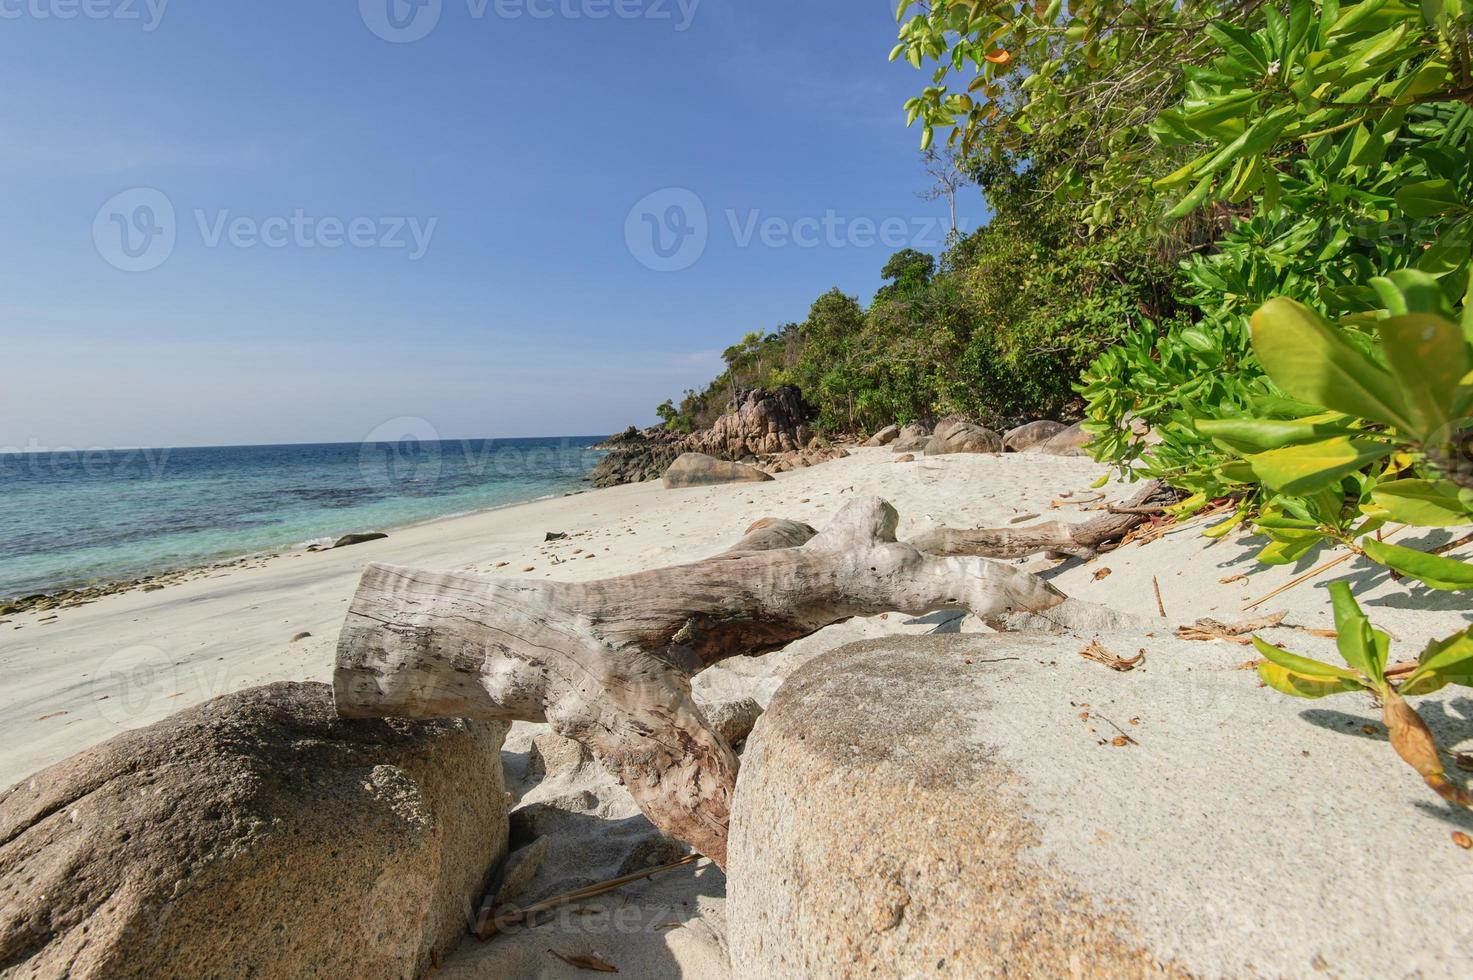 mer et jungle sur le parc marin national de tarutao photo